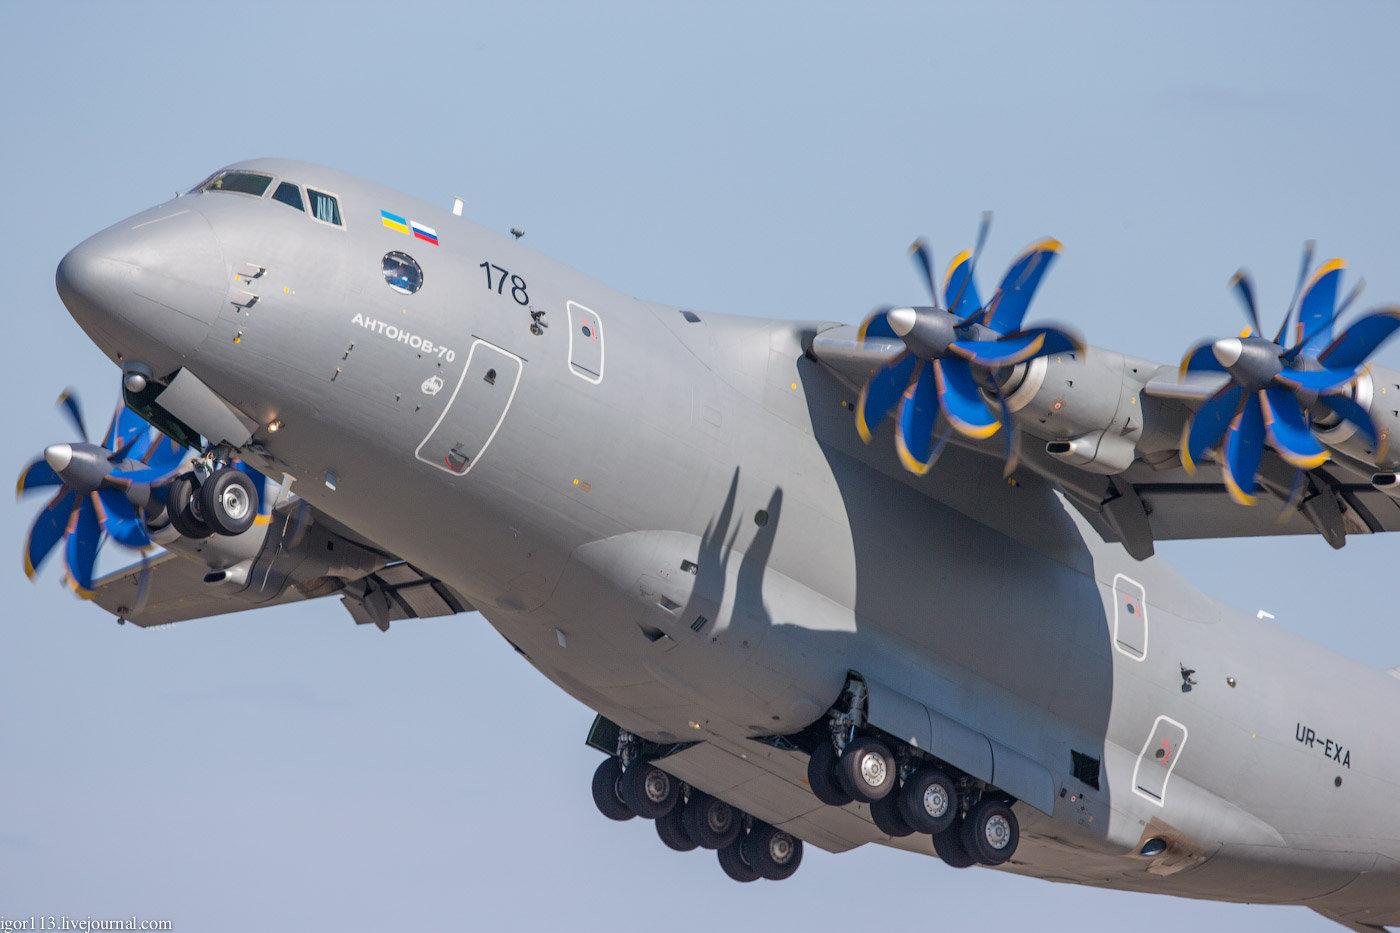 Crise entre Rússia e Ucrânia barra produção de avião Antonov An-70